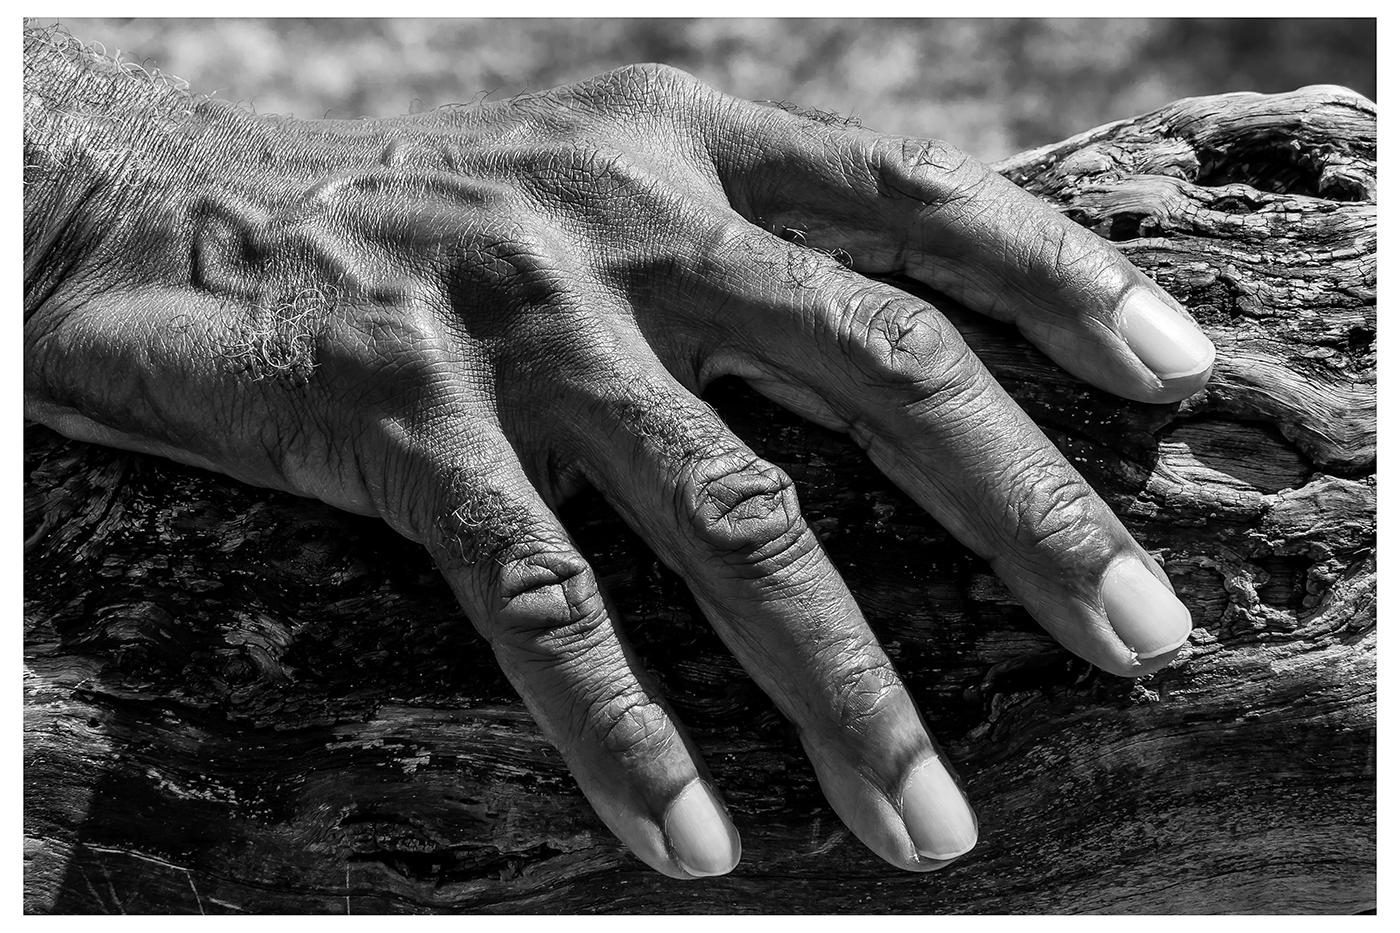 The Hand, Steve Smith